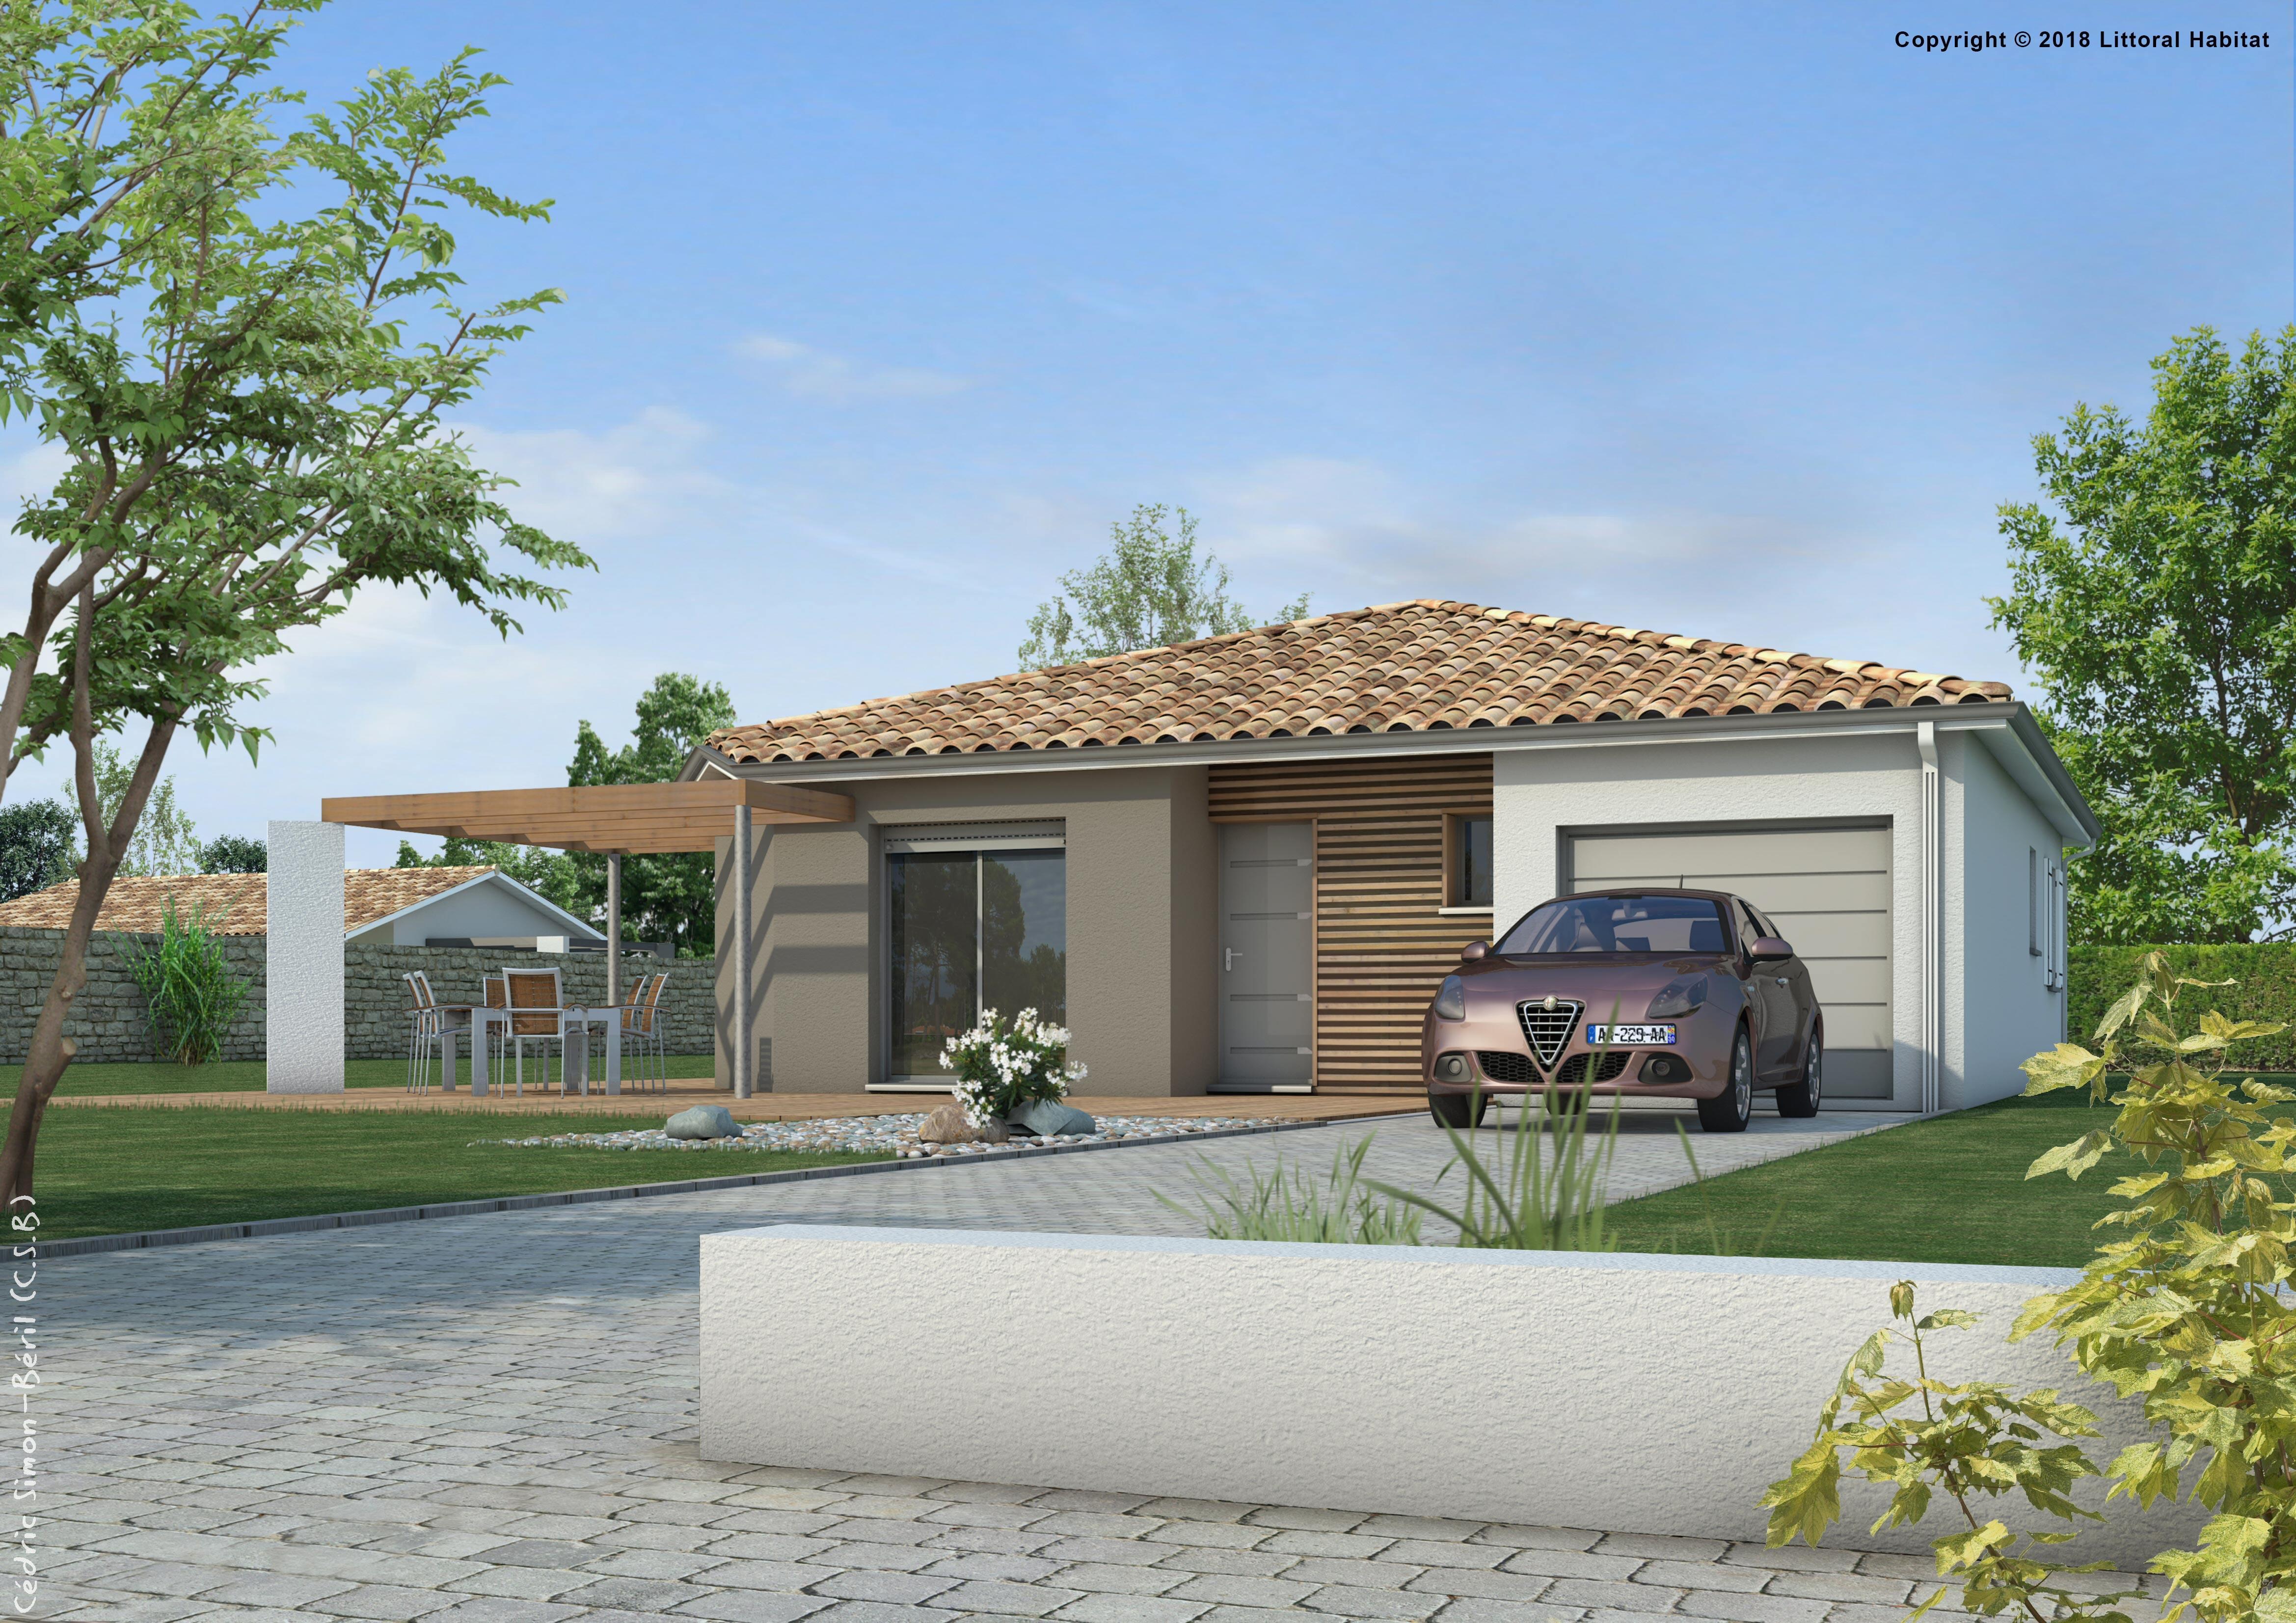 Maisons + Terrains du constructeur LITTORAL HABITAT DAX • 80 m² • RION DES LANDES